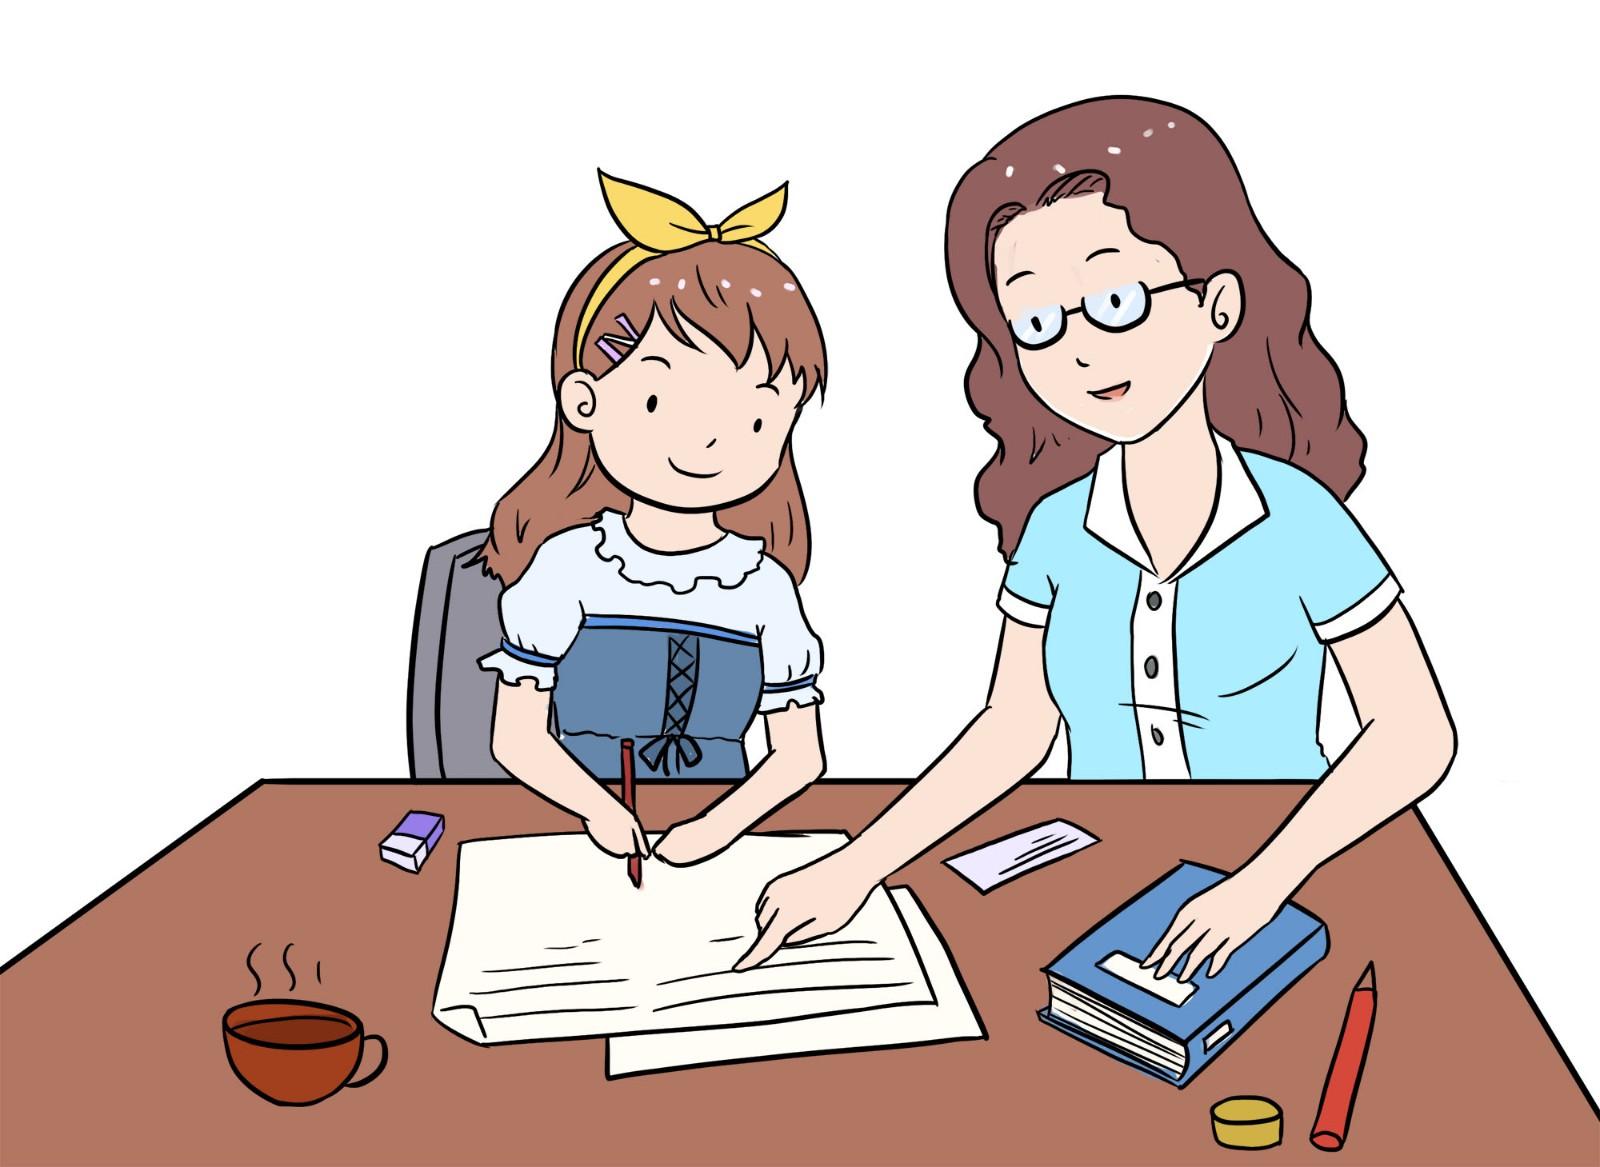 慧读国际少儿英语培训:孩子暑假作业磨蹭写不完?5招一